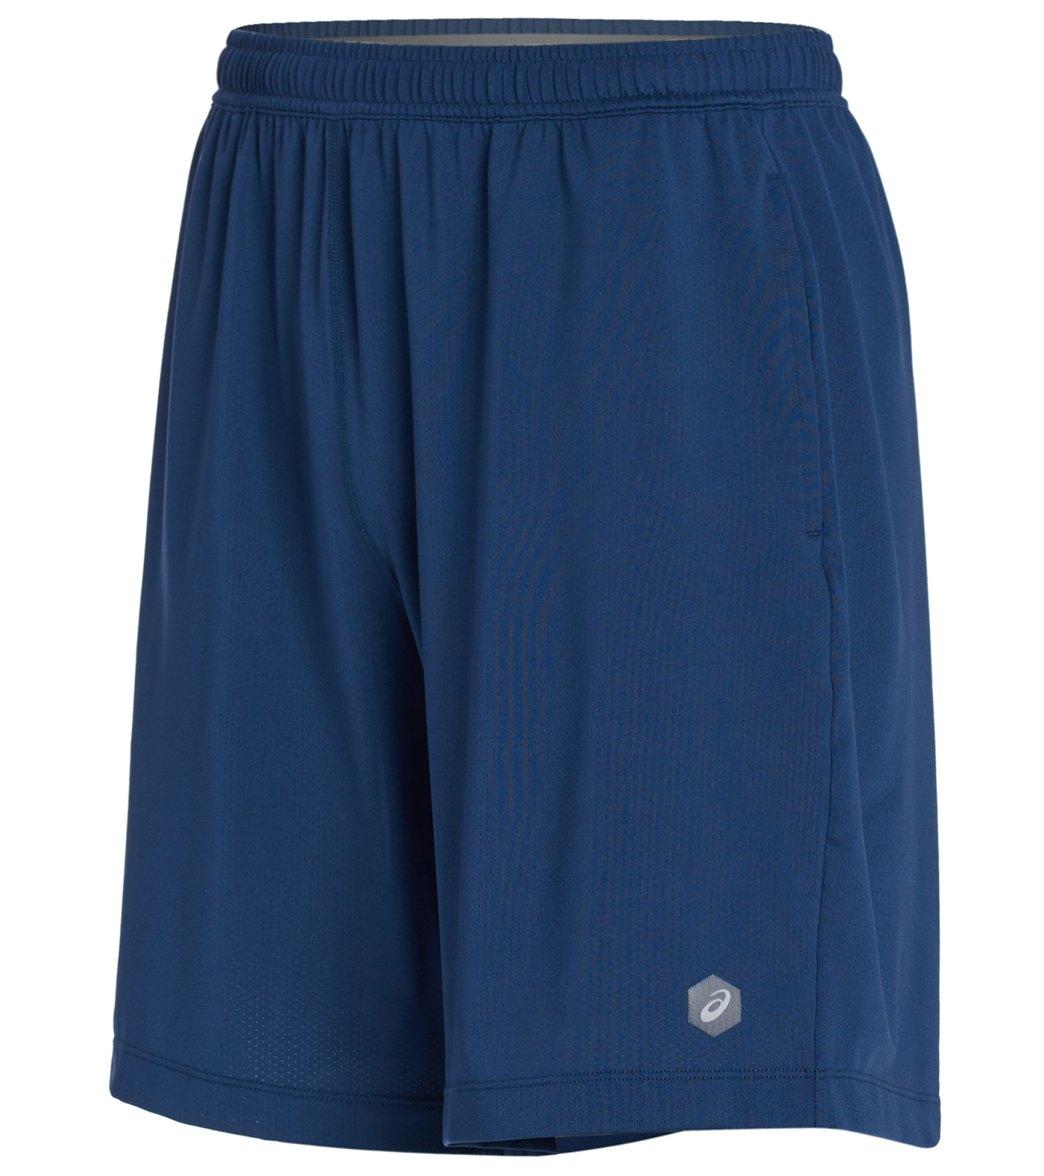 22c71c866e Asics Men's 9 Inch Knit Short